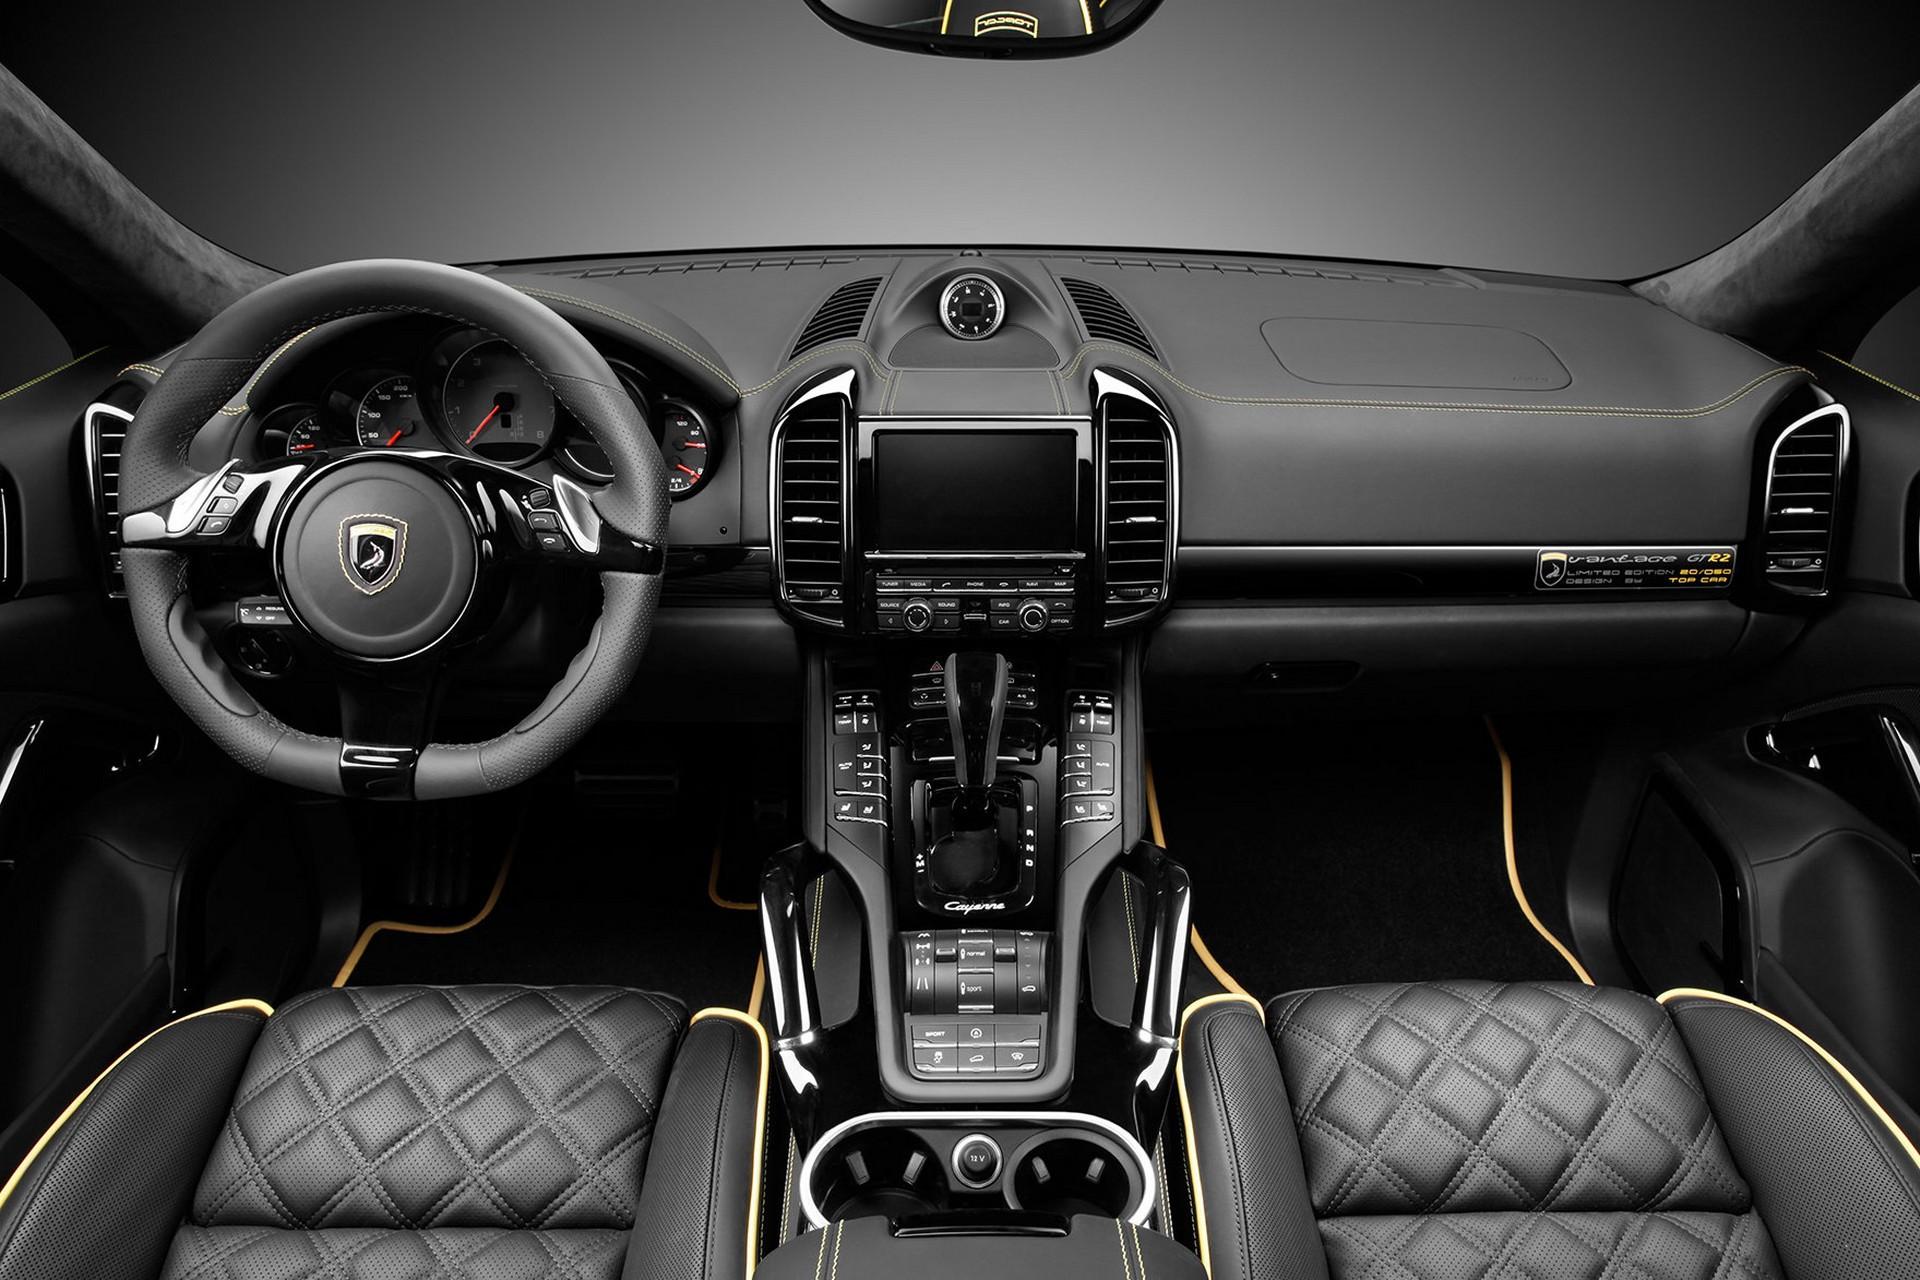 Interior porsche cayenne topcar gt 958 1 20 50 topcar Porsche cayenne interior parts